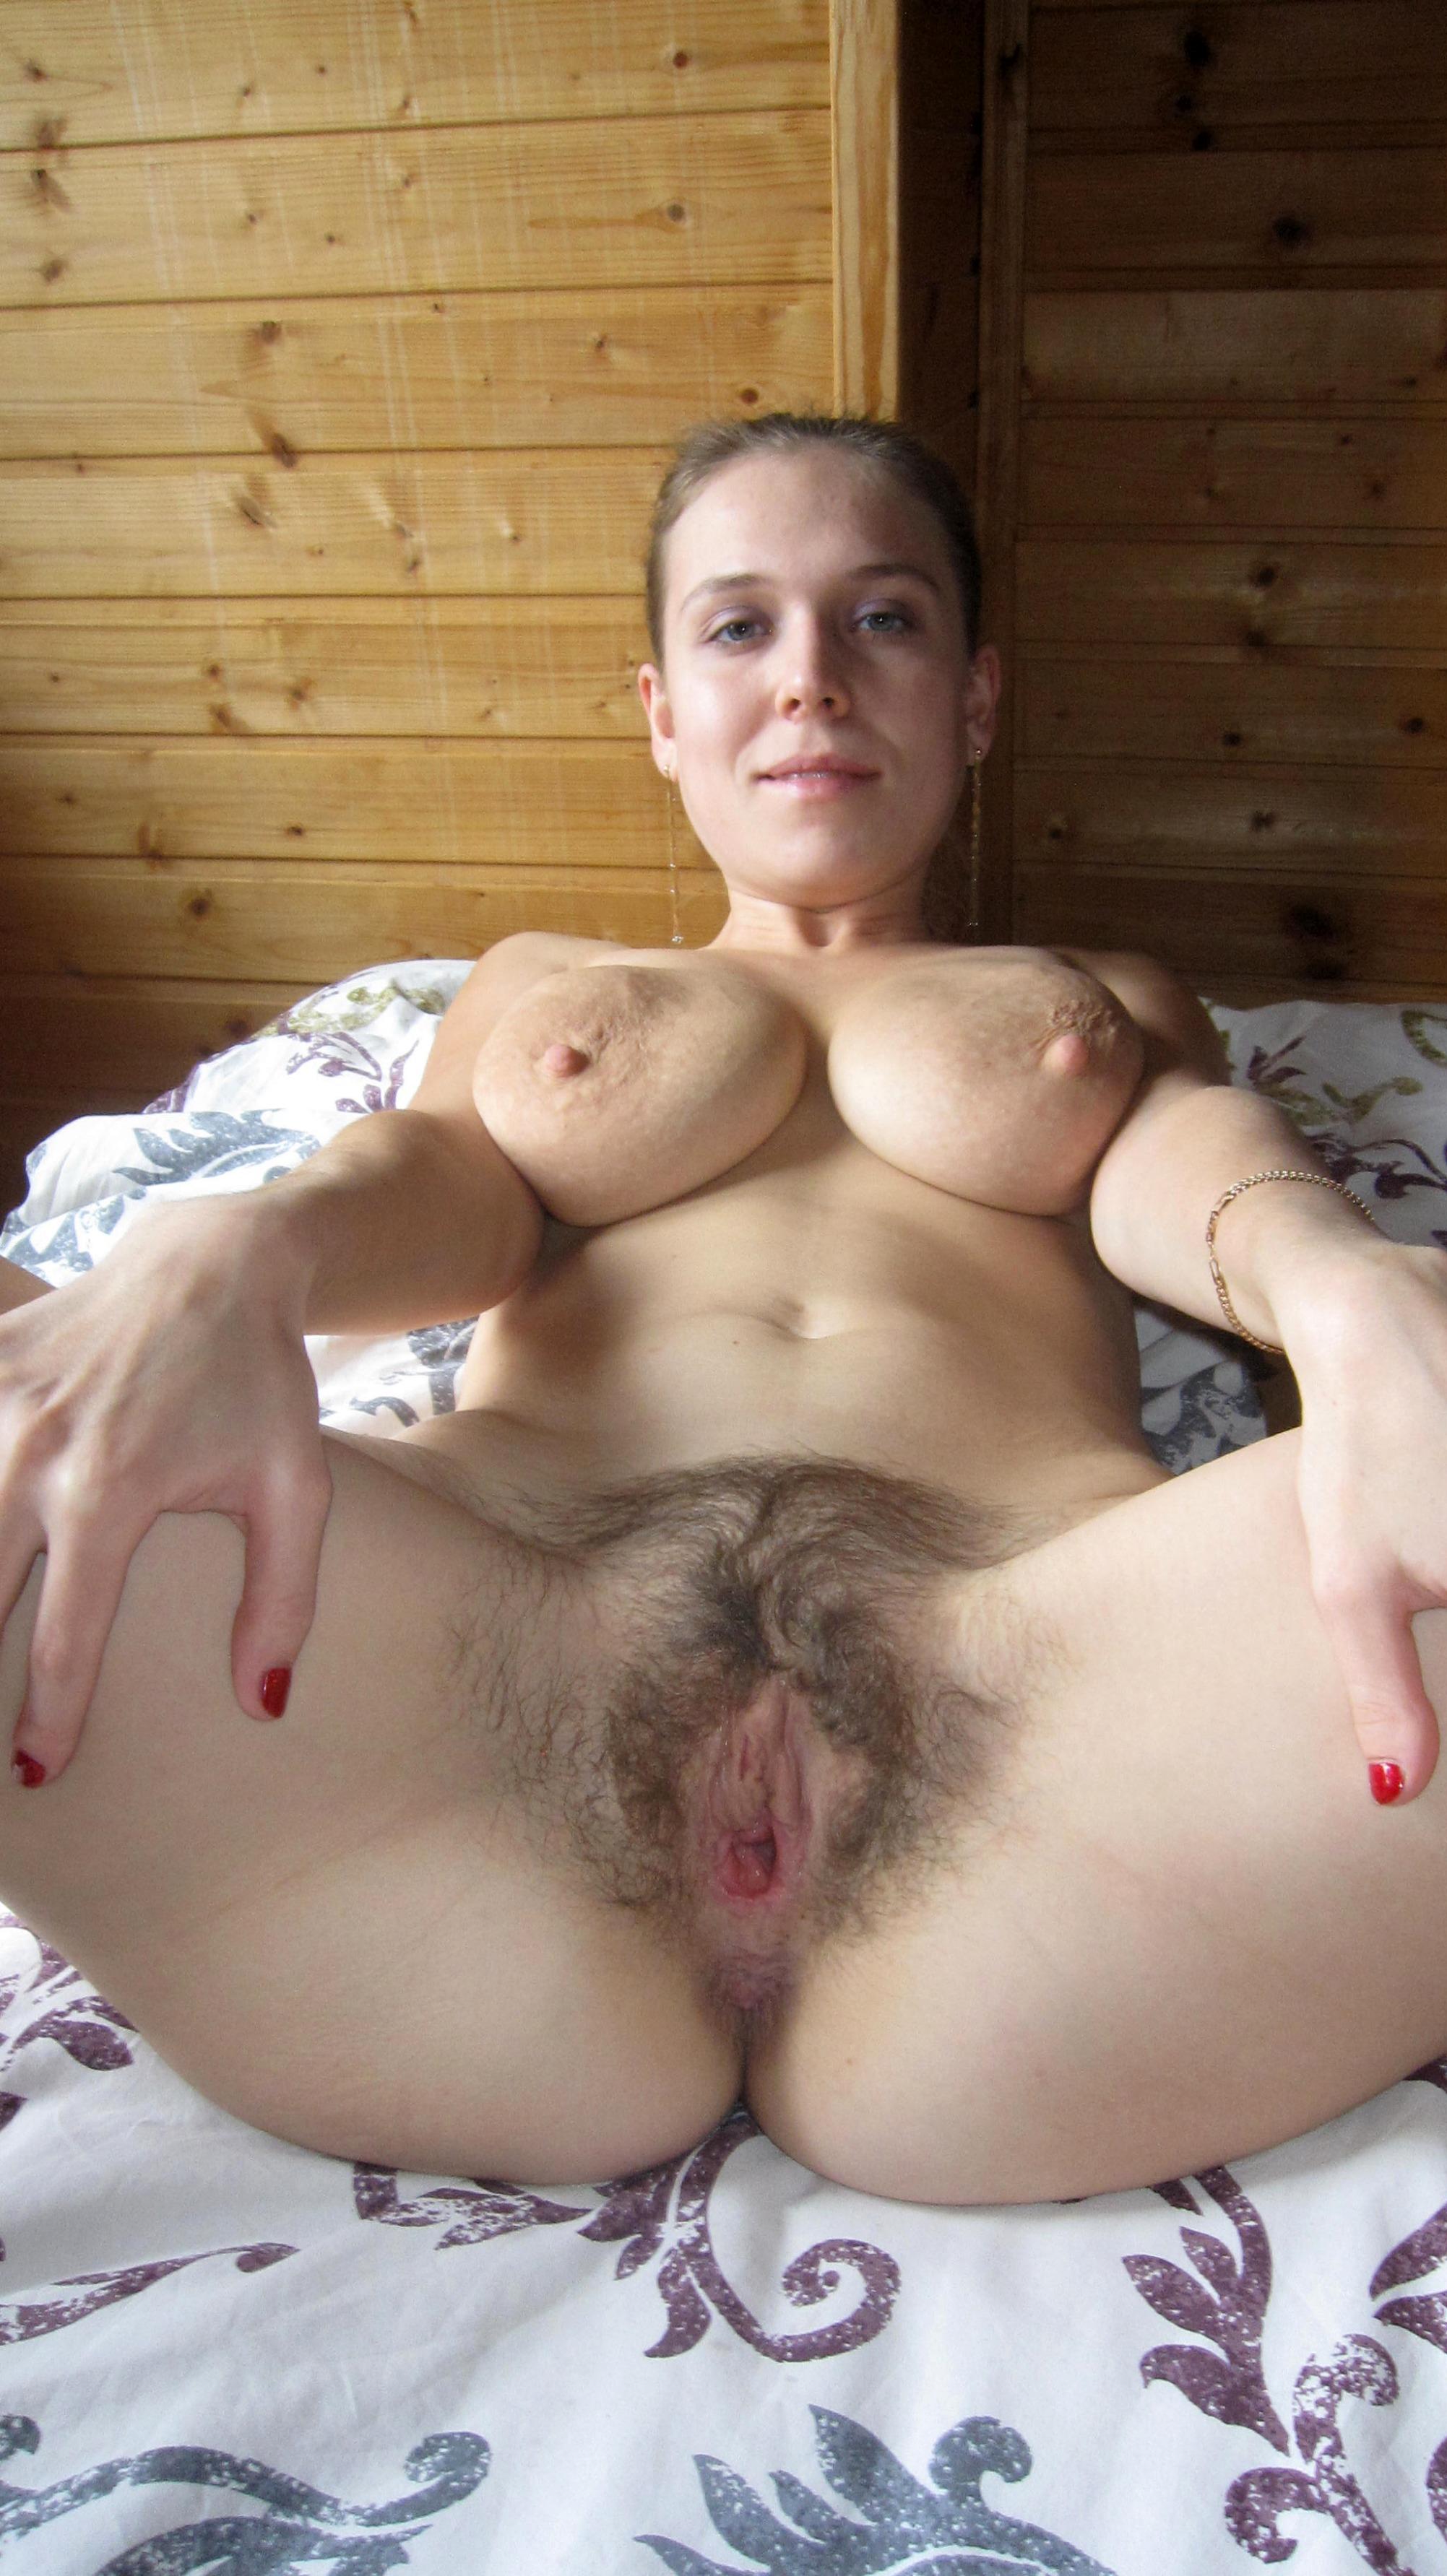 private Pornofotos